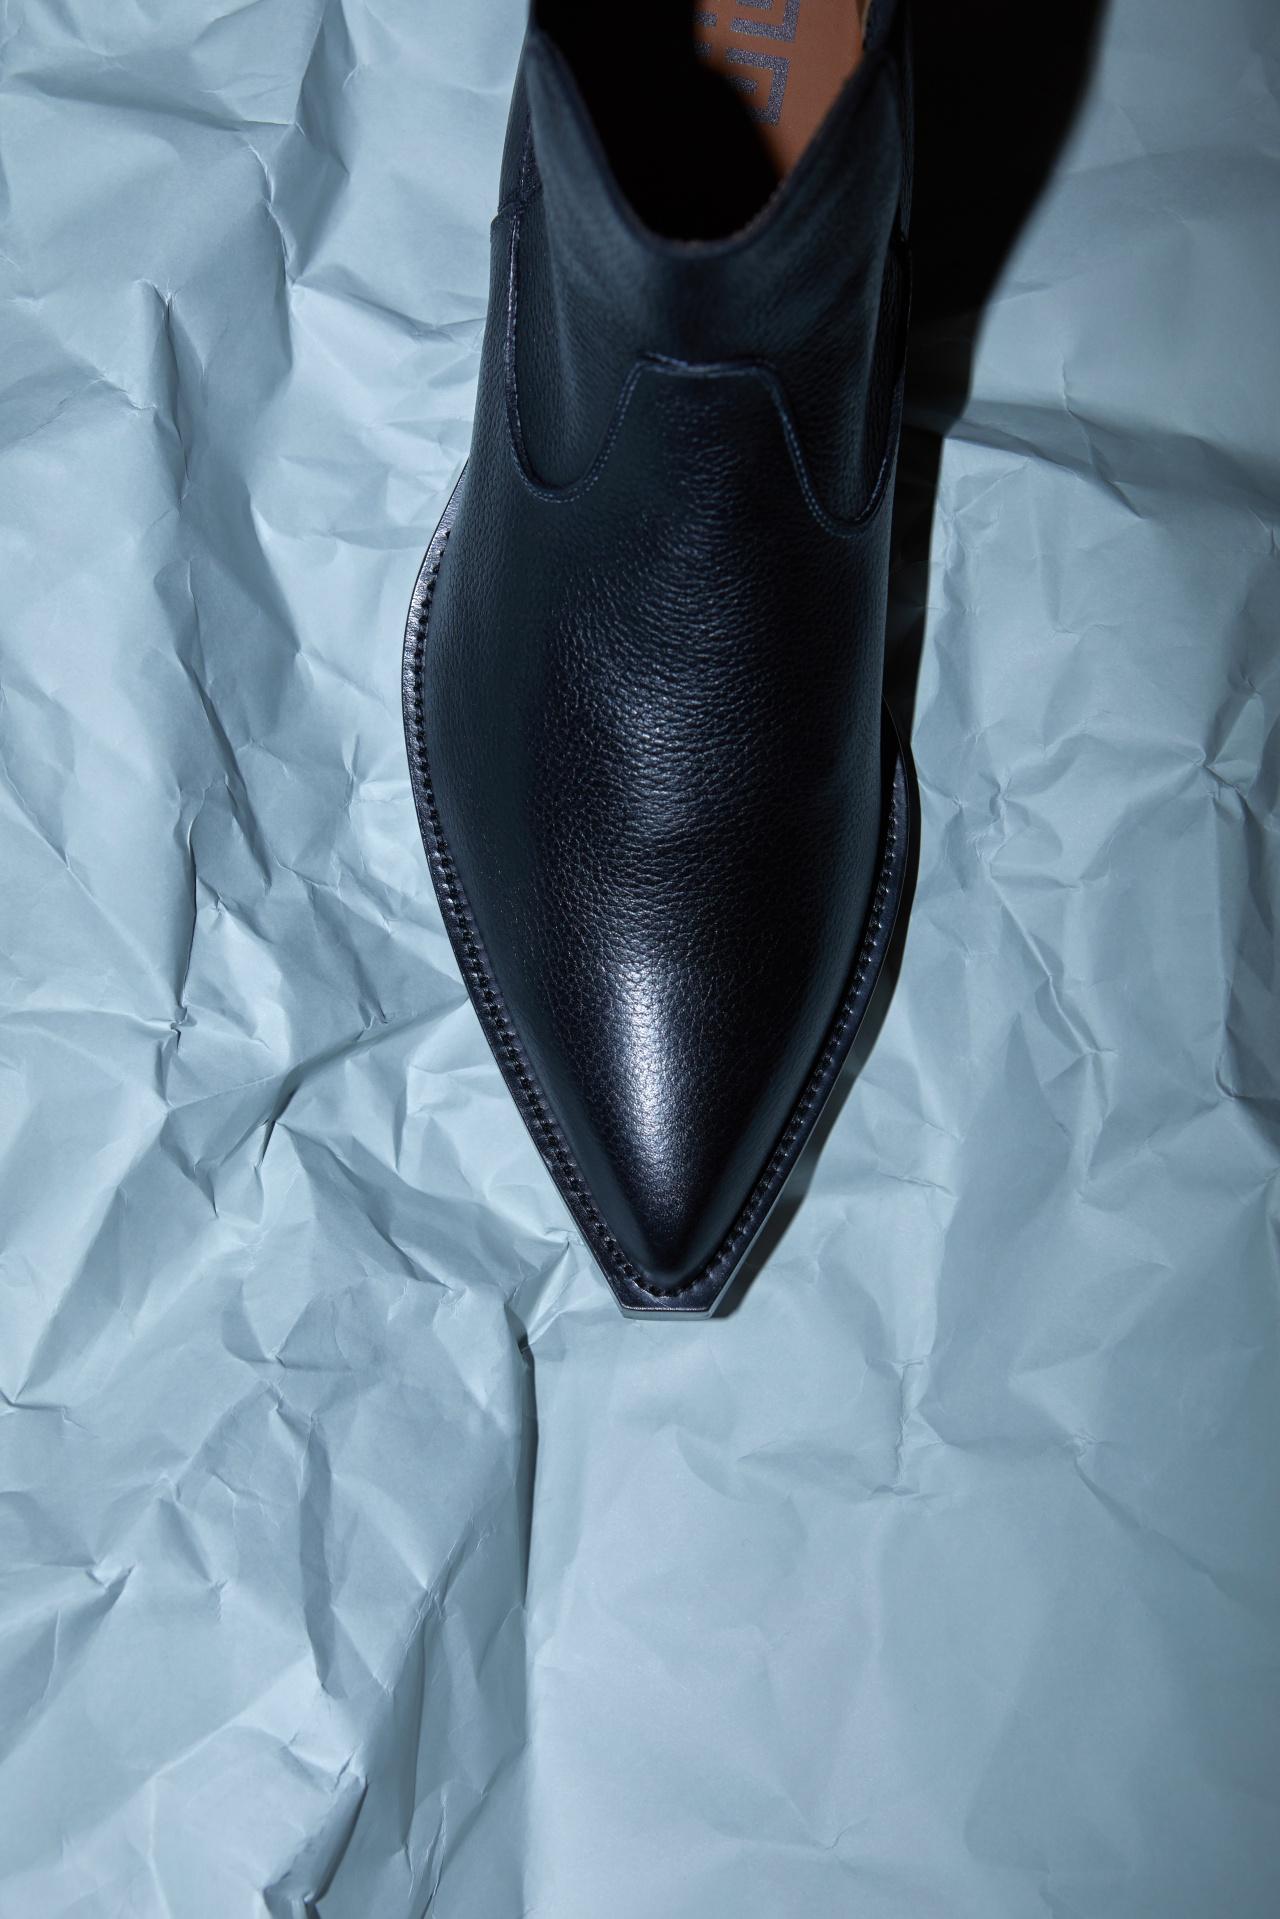 앞코가 뾰족한 검은색 웨스턴 부츠 가격 미정 지방시.